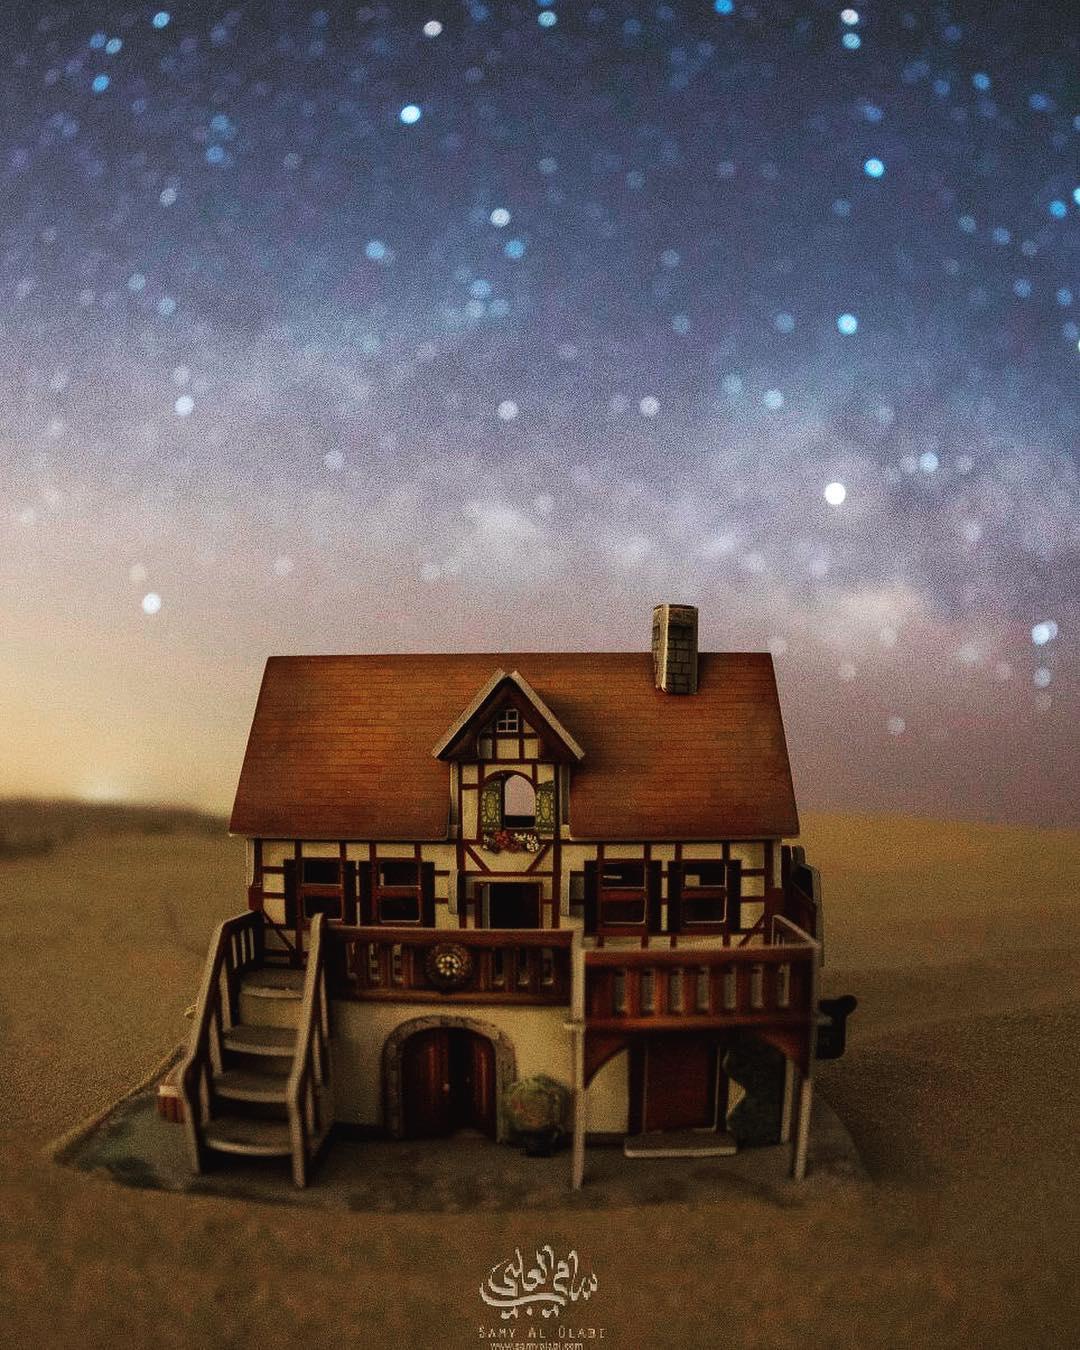 1570431164 1454b33b0887ef2b65ce1b06aa6b6514 - Фотограф снимает игрушечные домики на фоне звёздного неба, и его работы — просто космос